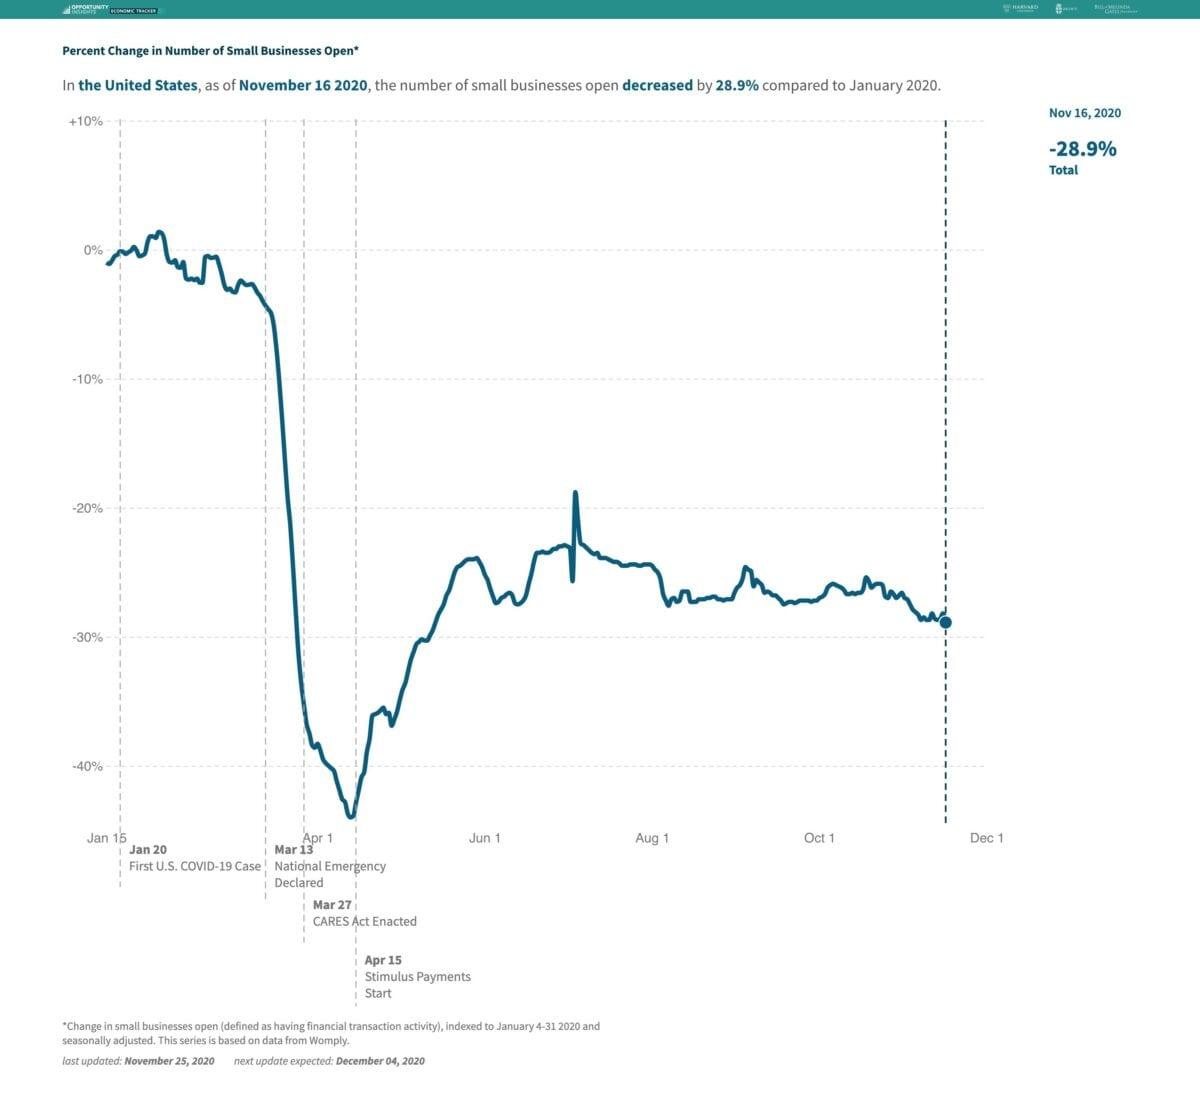 Chart zeigt Verlauf der geöffneten kleinen Geschäfte in den USA